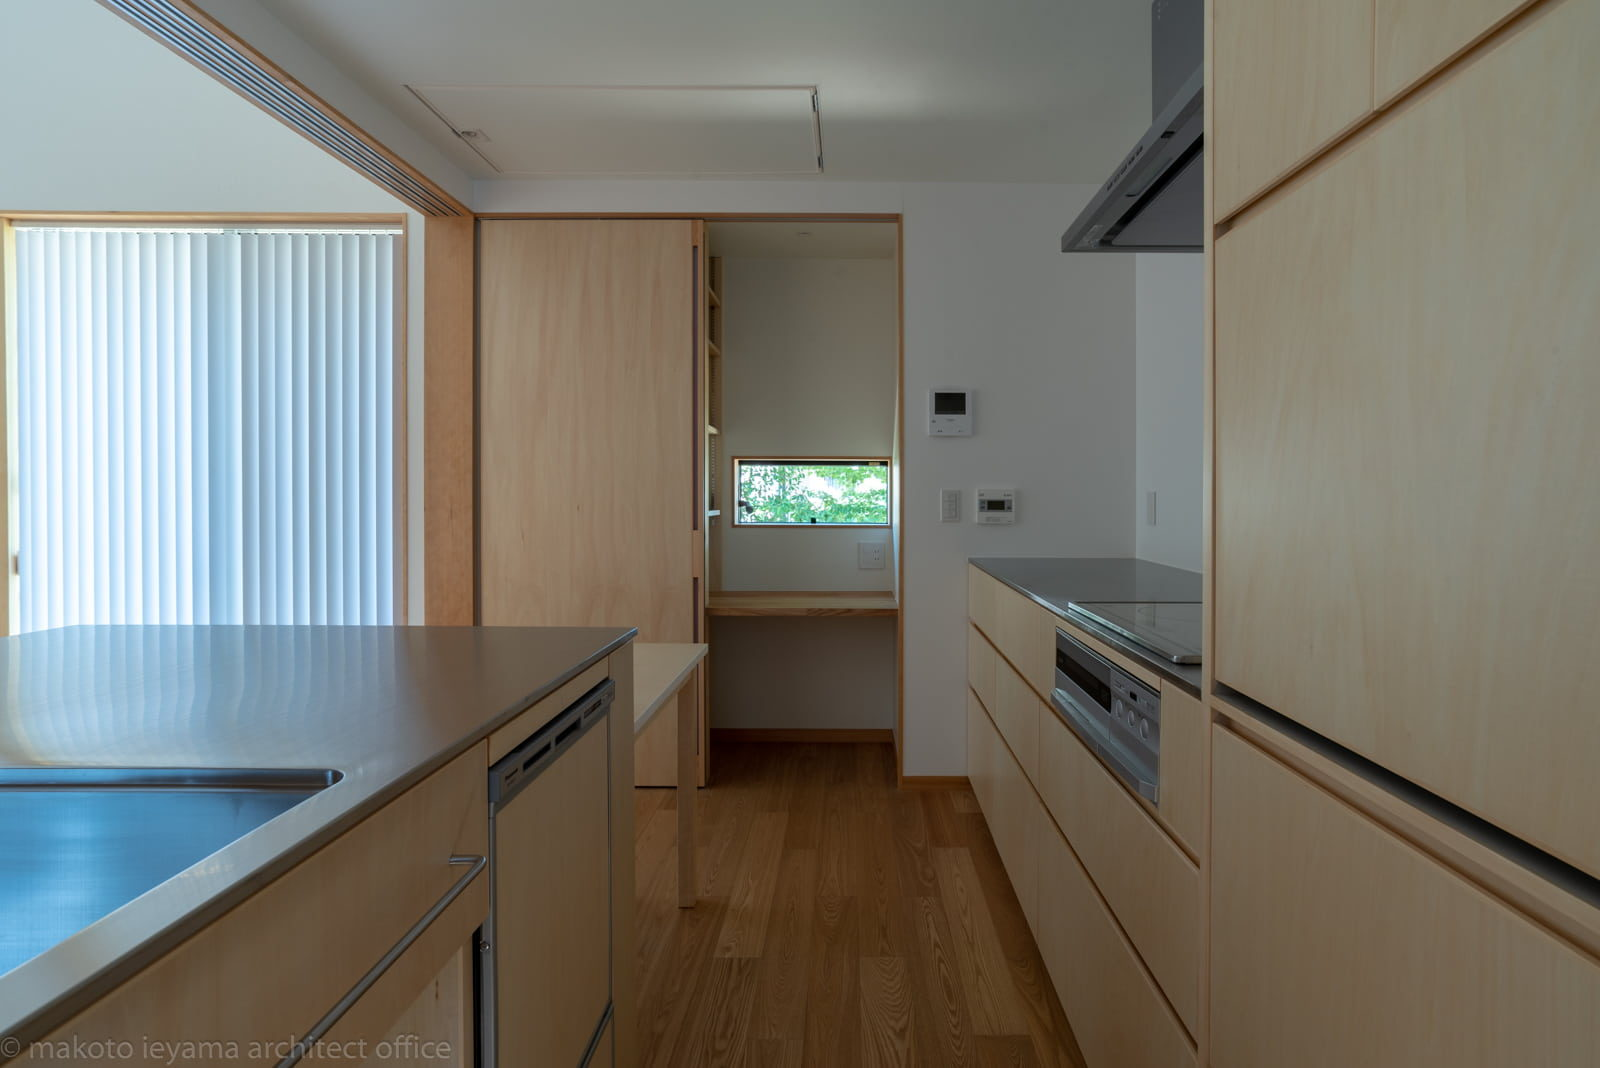 円光寺の家 キッチン